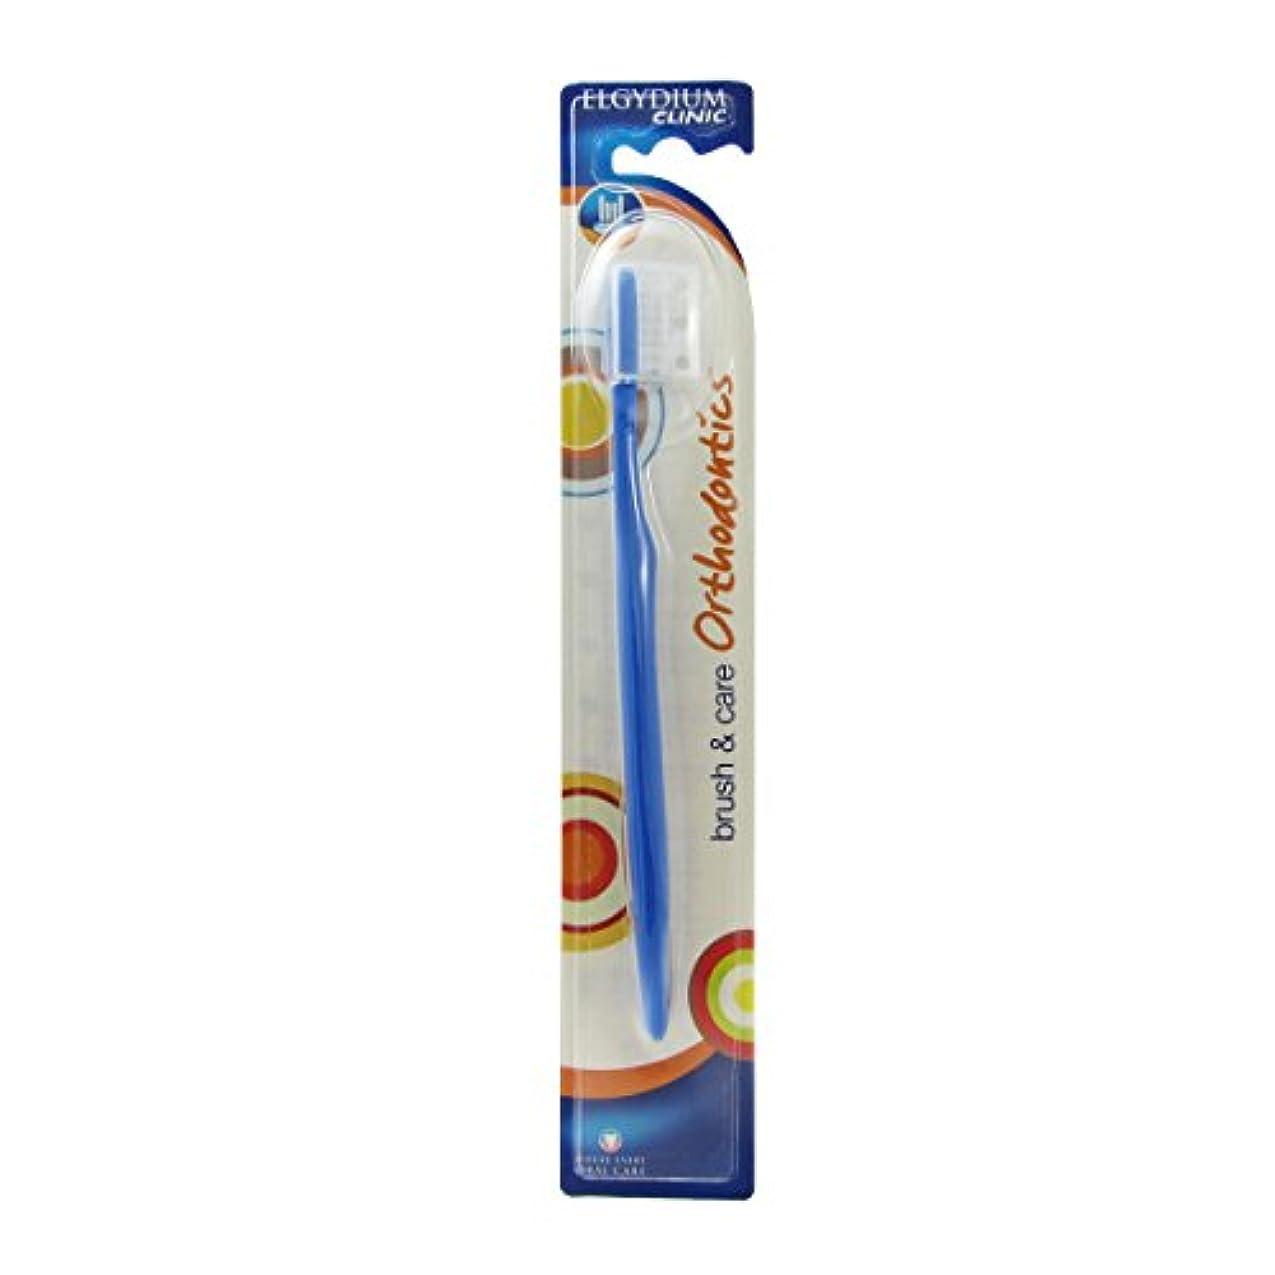 習慣パスポート論争的Elgydium Clinic Orthodontics Orthodontic Medium Children Toothbrush [並行輸入品]